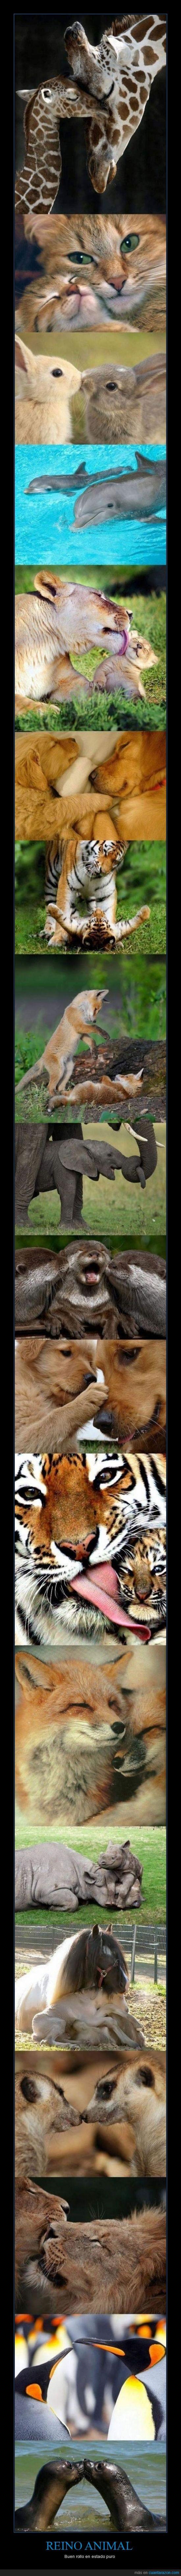 animales,besos,reino,ternura